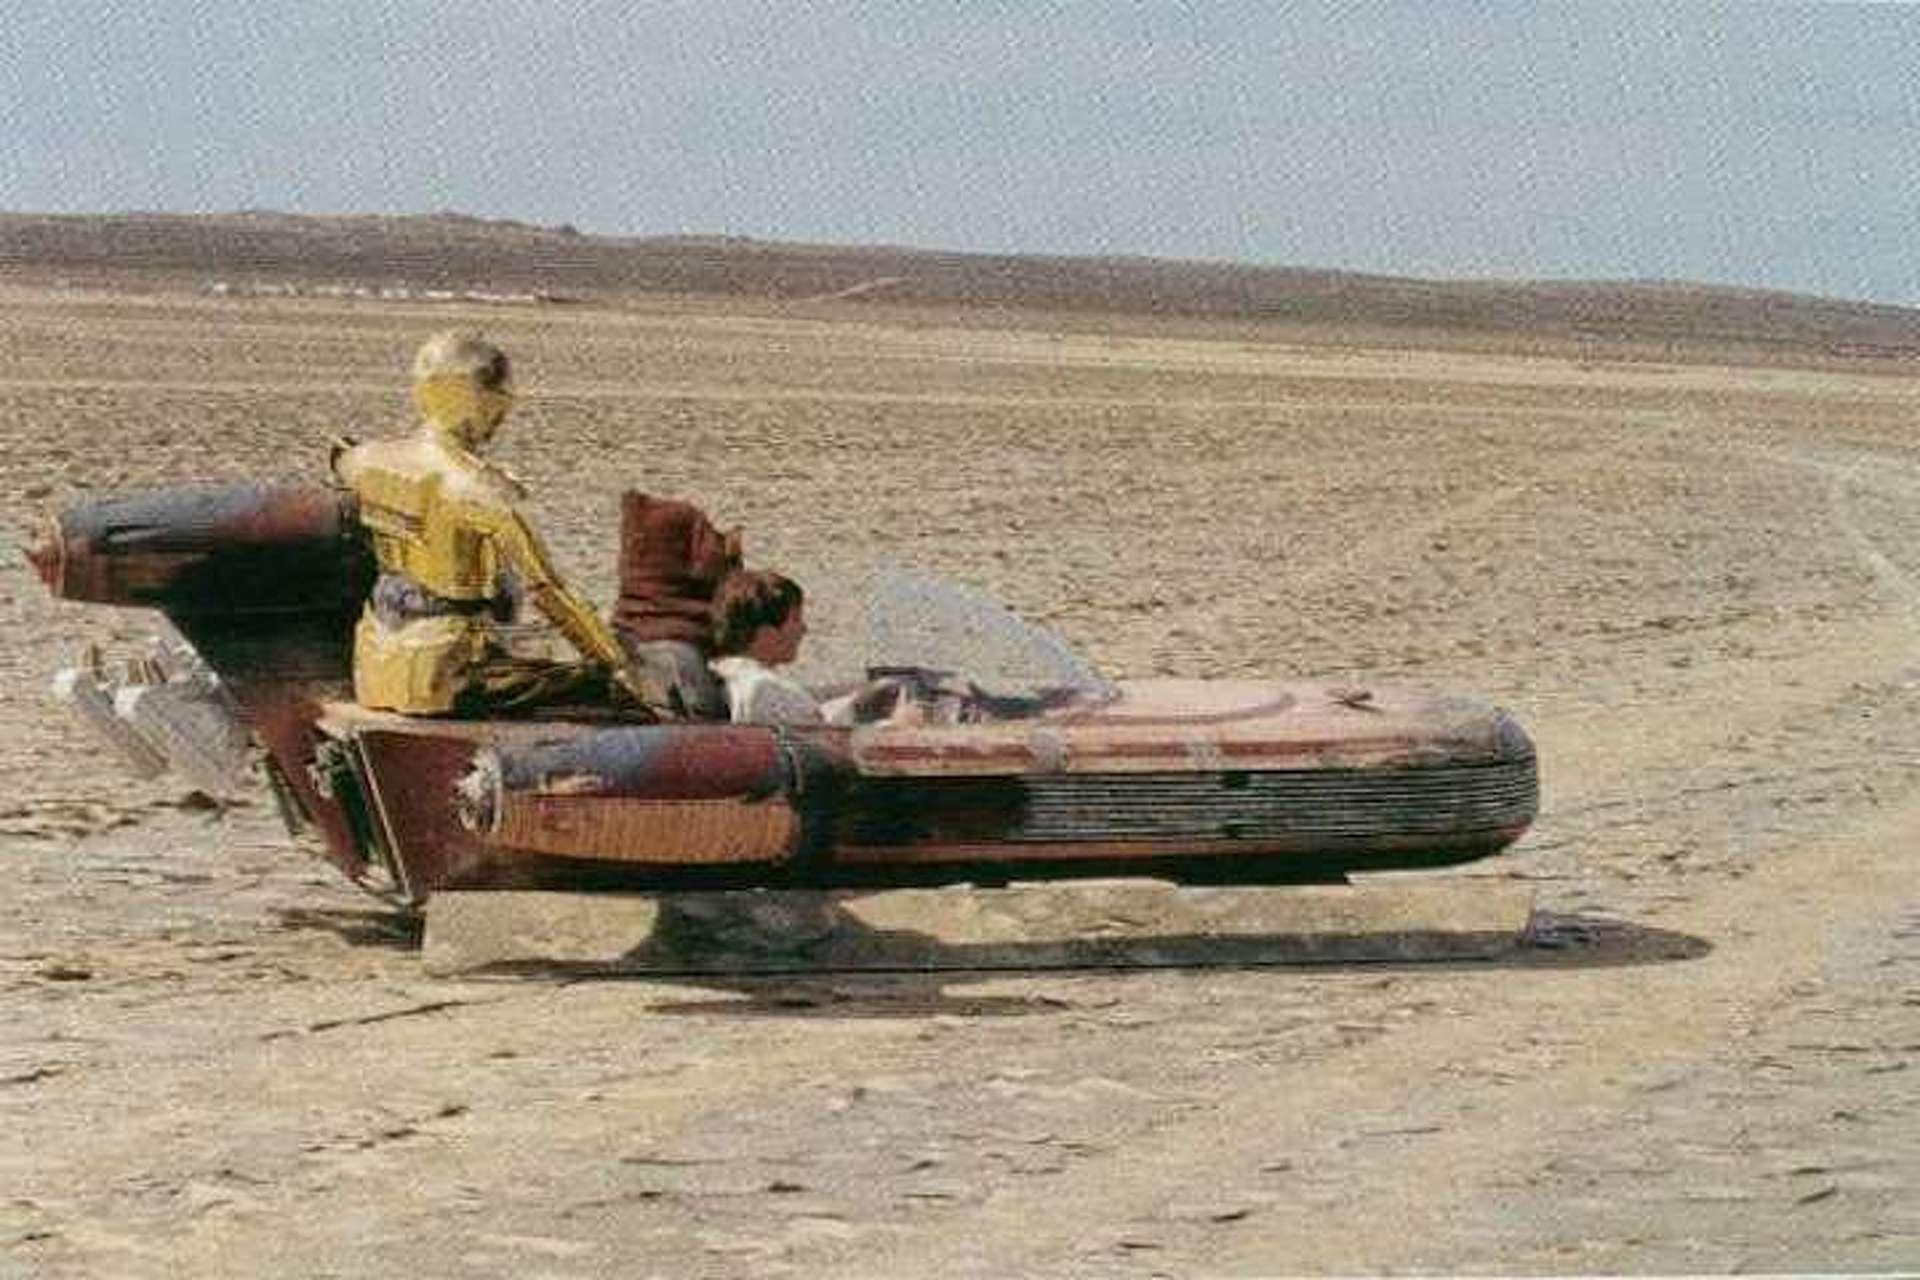 The Star Wars Landspeeder: Will it Ever Really Exist?